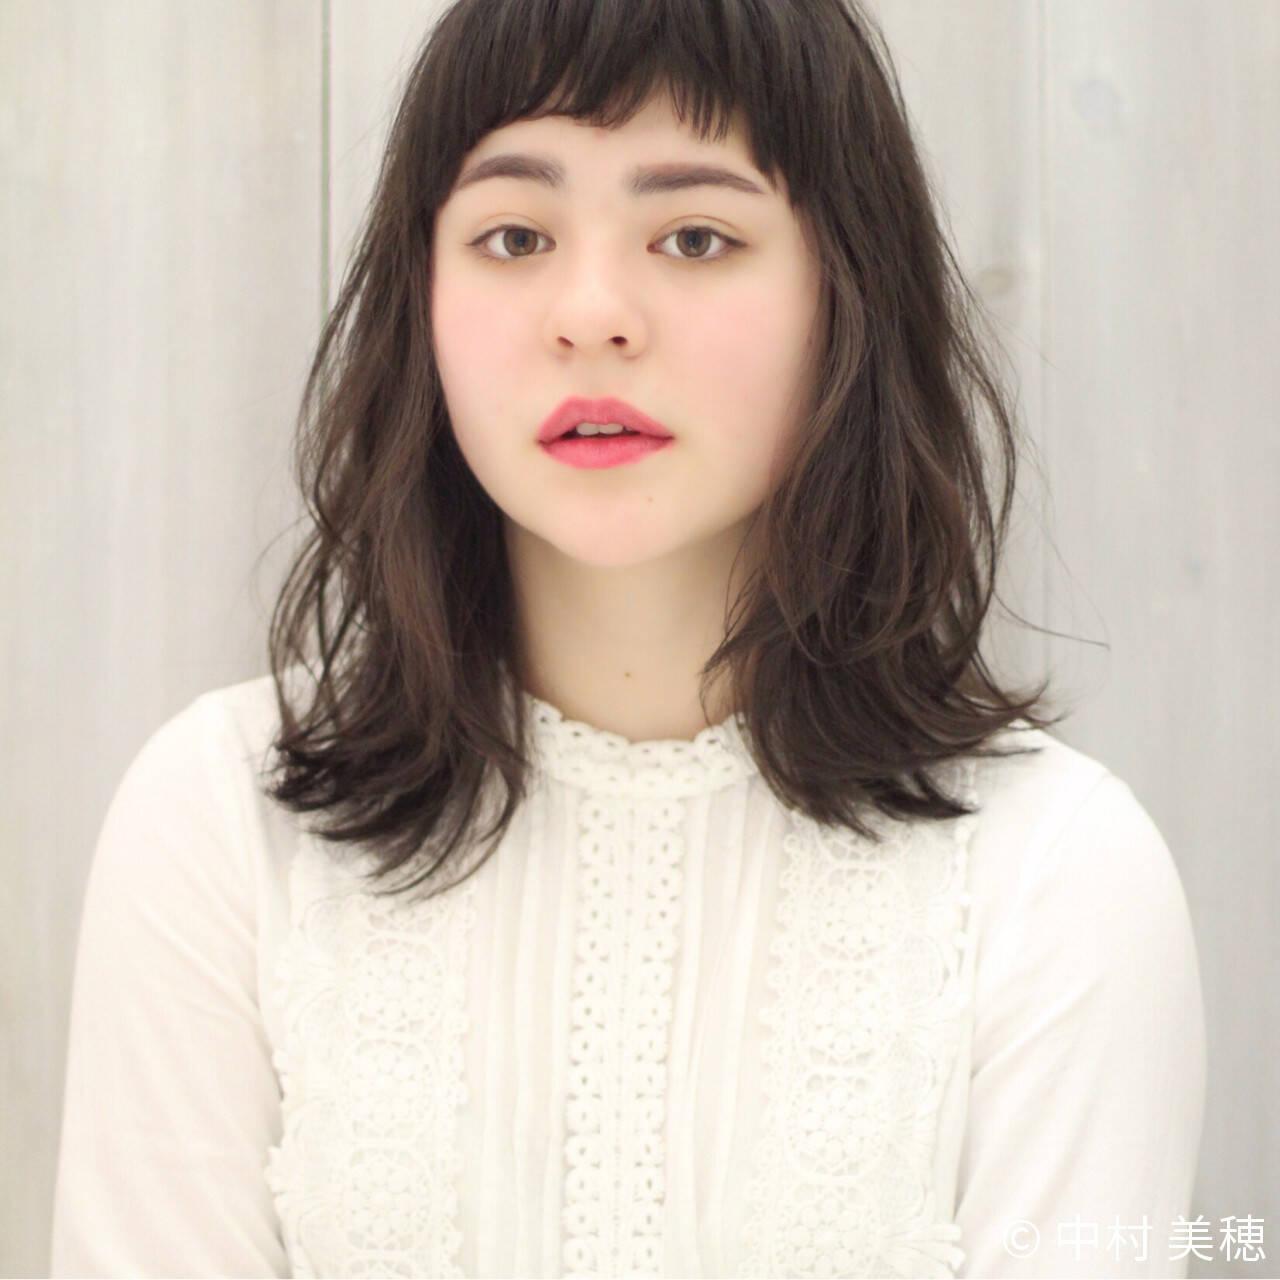 フェミニン 小顔 ふわふわ セミロングヘアスタイルや髪型の写真・画像